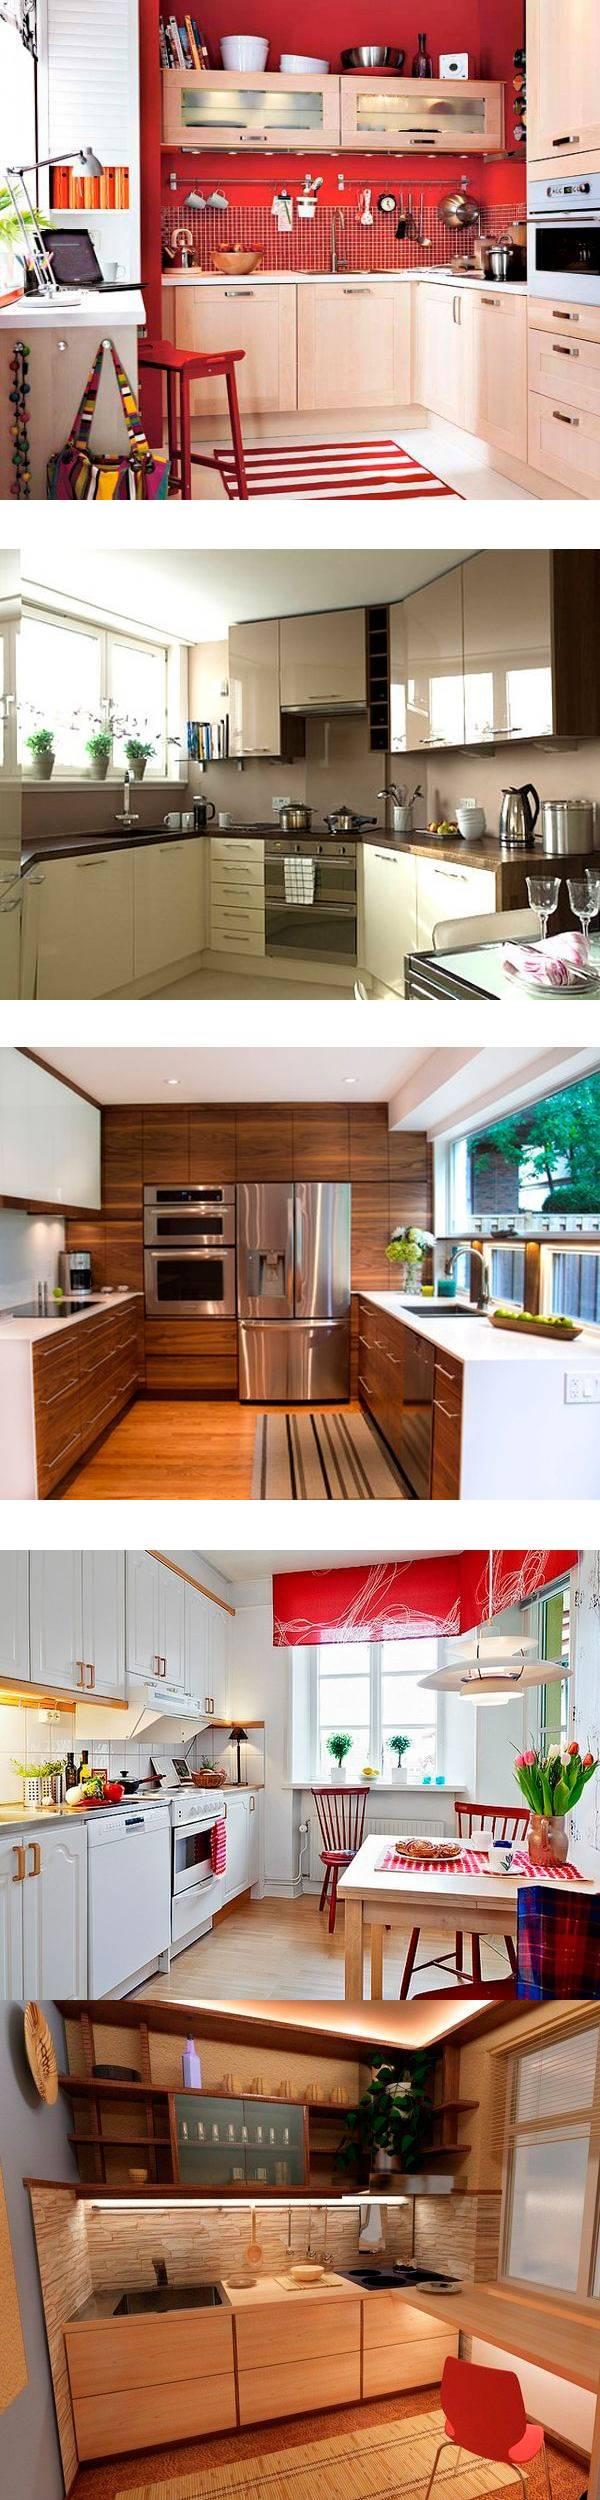 Дизайн маленькой кухни — 26 идей